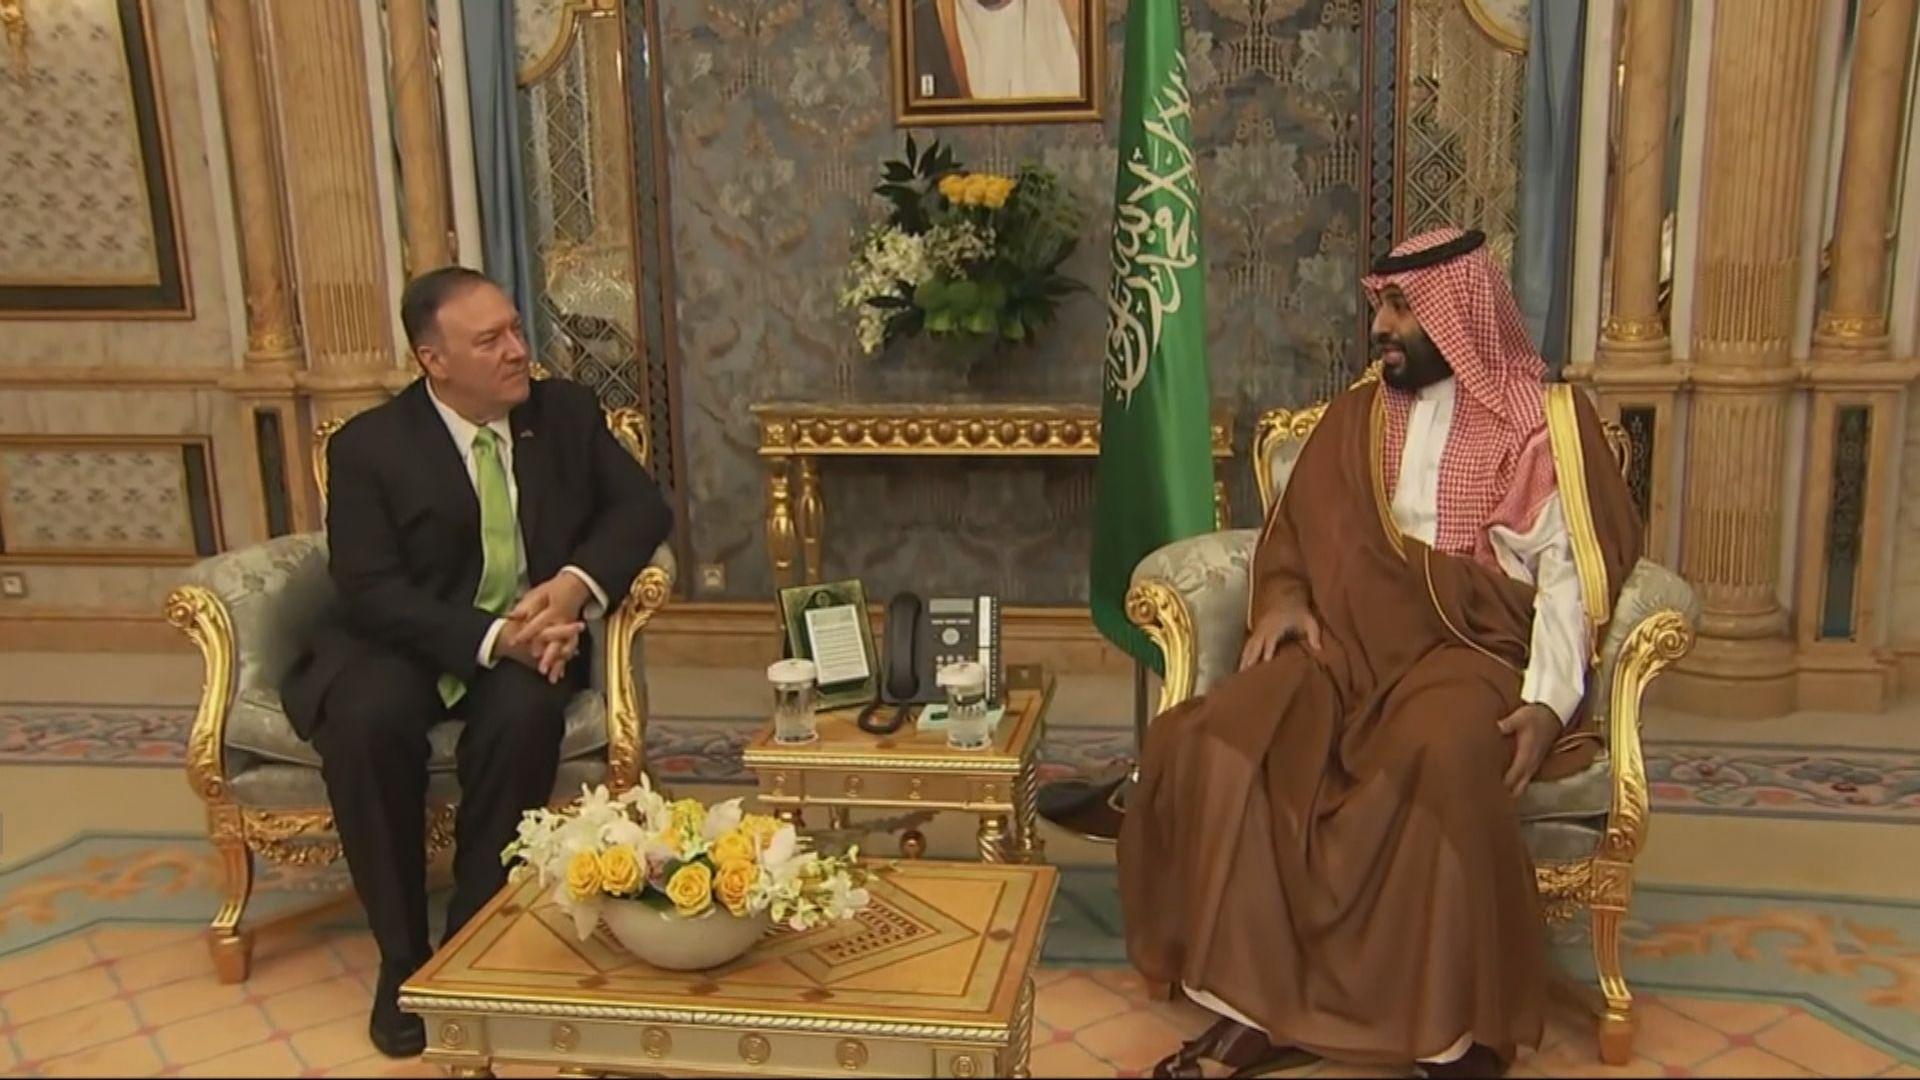 沙特石油設施遇襲 蓬佩奧批是戰爭行為